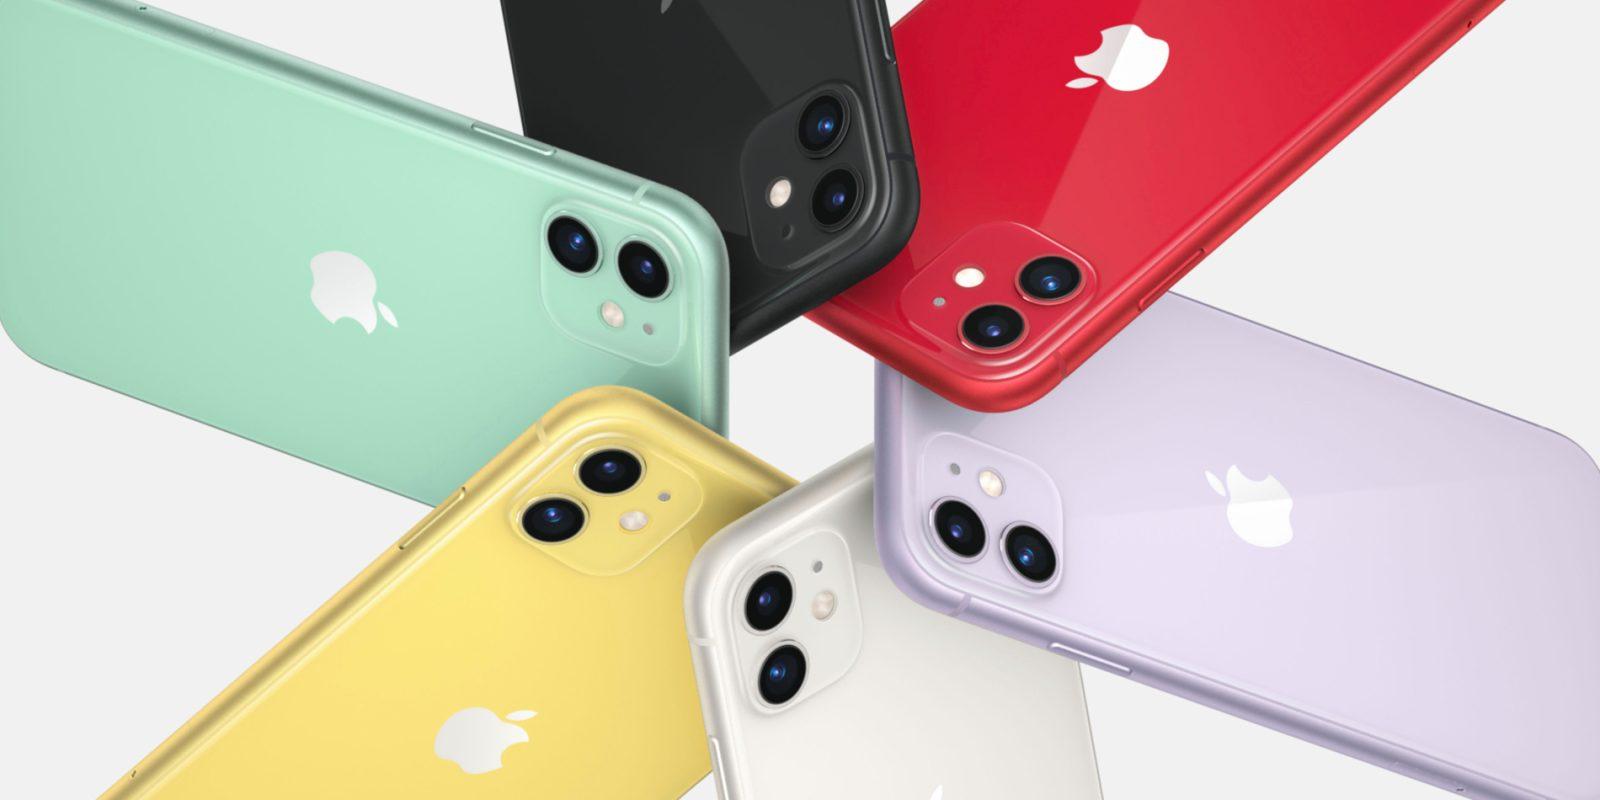 مقارنة بطاريات iPhone 11 وXR و8 Plus ... هل يجب عليك الترقية للهاتف الجديد من Apple